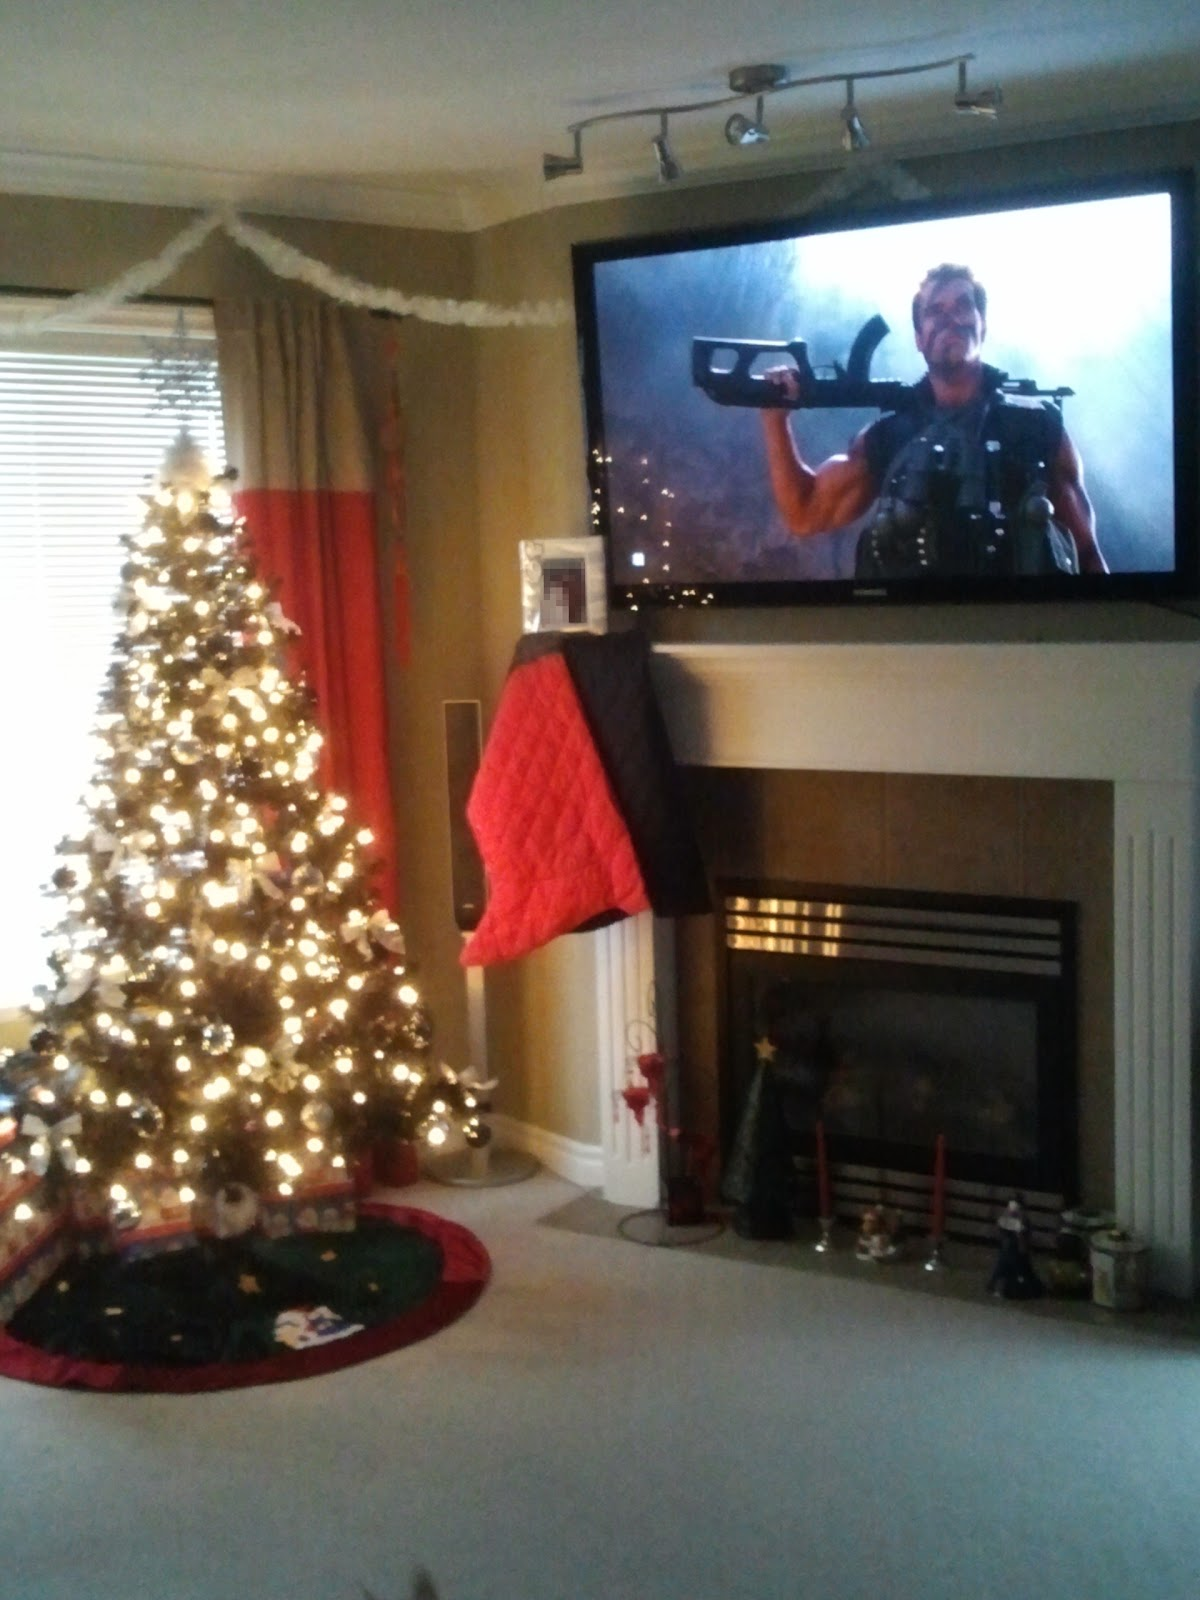 ian u0027s blog technology u0026 guy stuff mounting tv above the fireplace